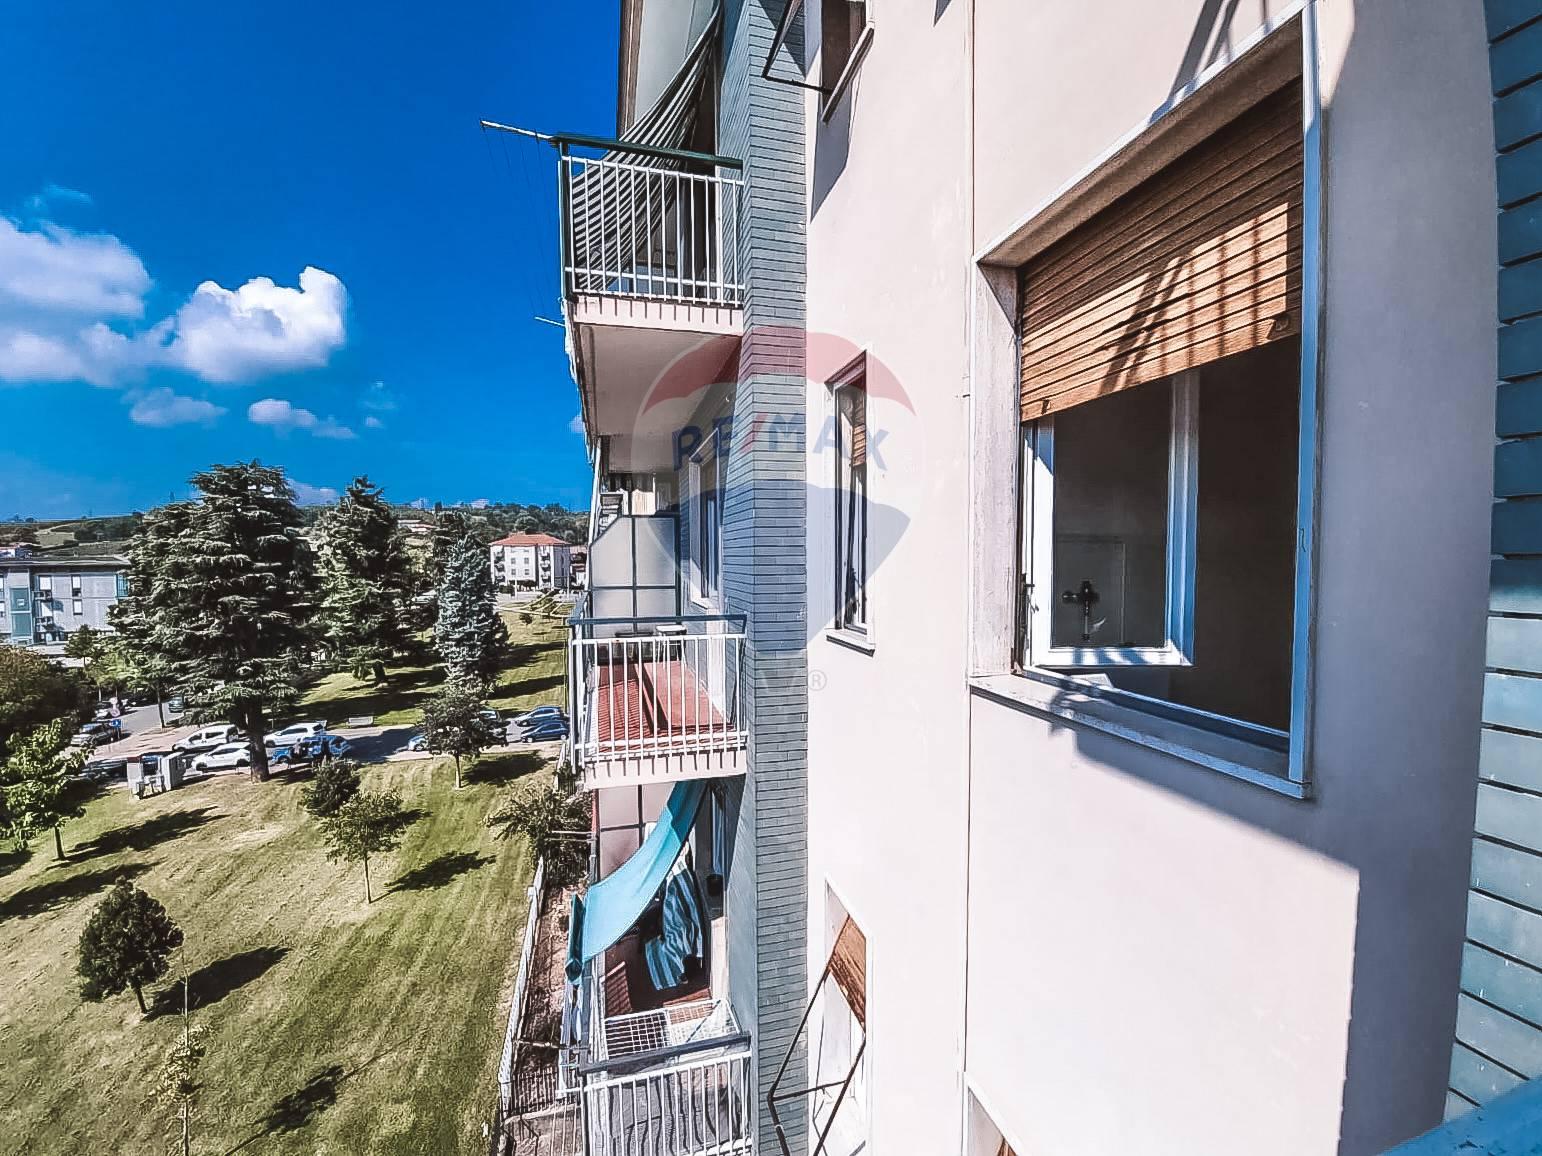 Appartamento in vendita a Casale Monferrato, 5 locali, prezzo € 48.000 | CambioCasa.it